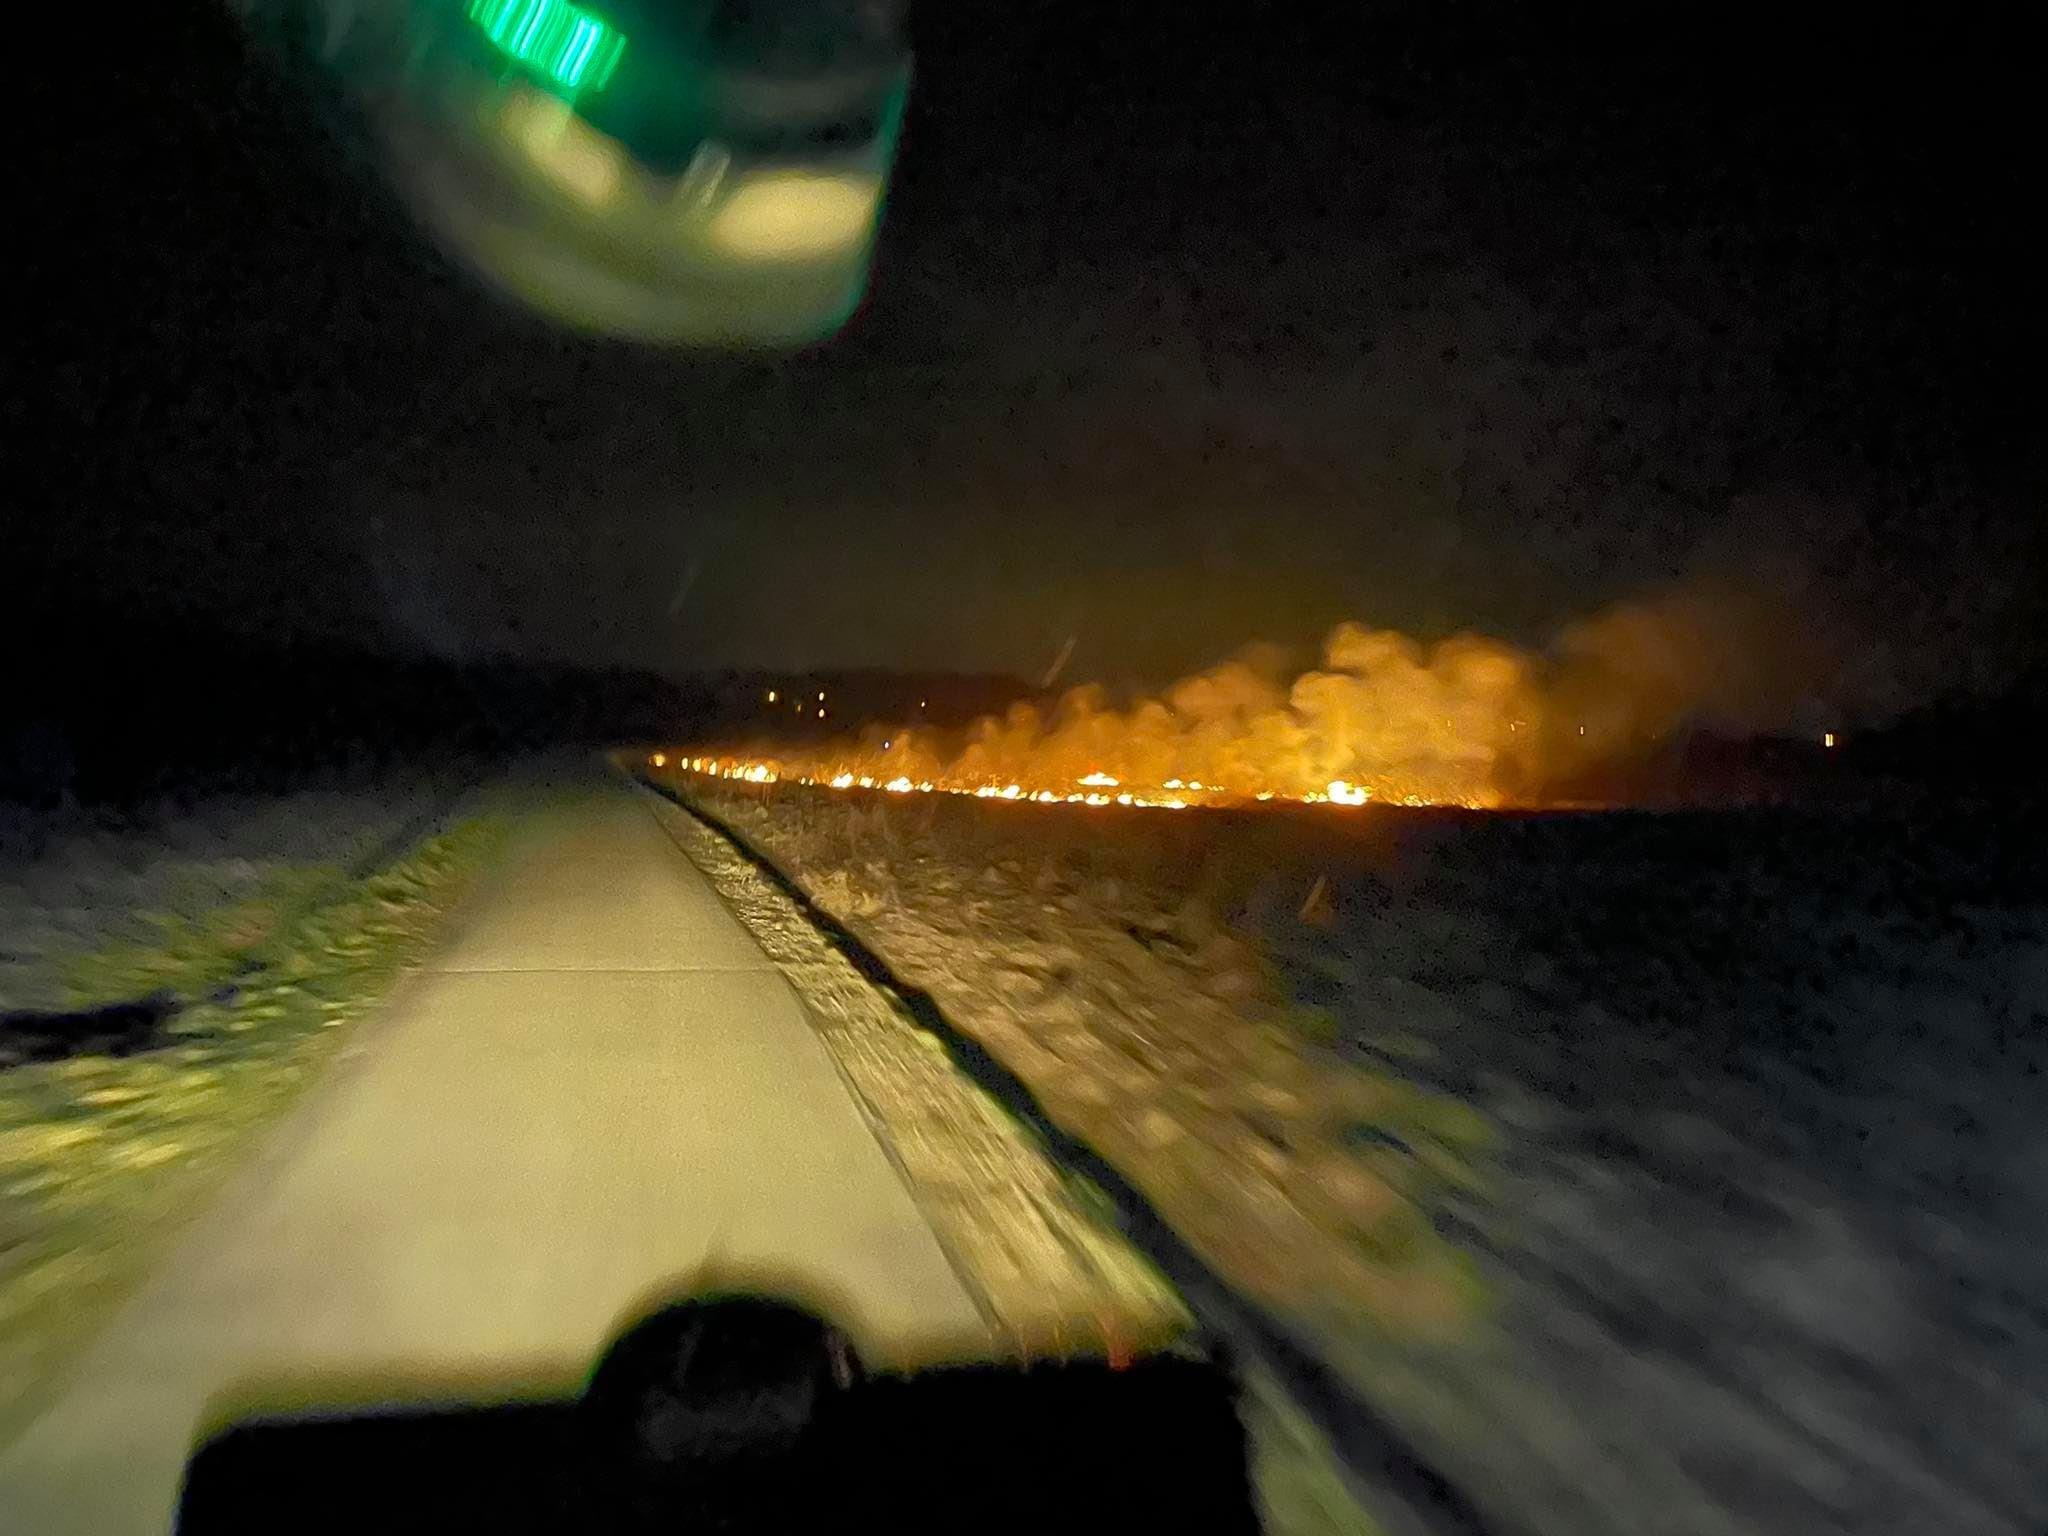 Plaga wypalaczy traw na Podkarpaciu. Strażacy mają pełne ręce roboty [ZDJĘCIA] - Zdjęcie główne